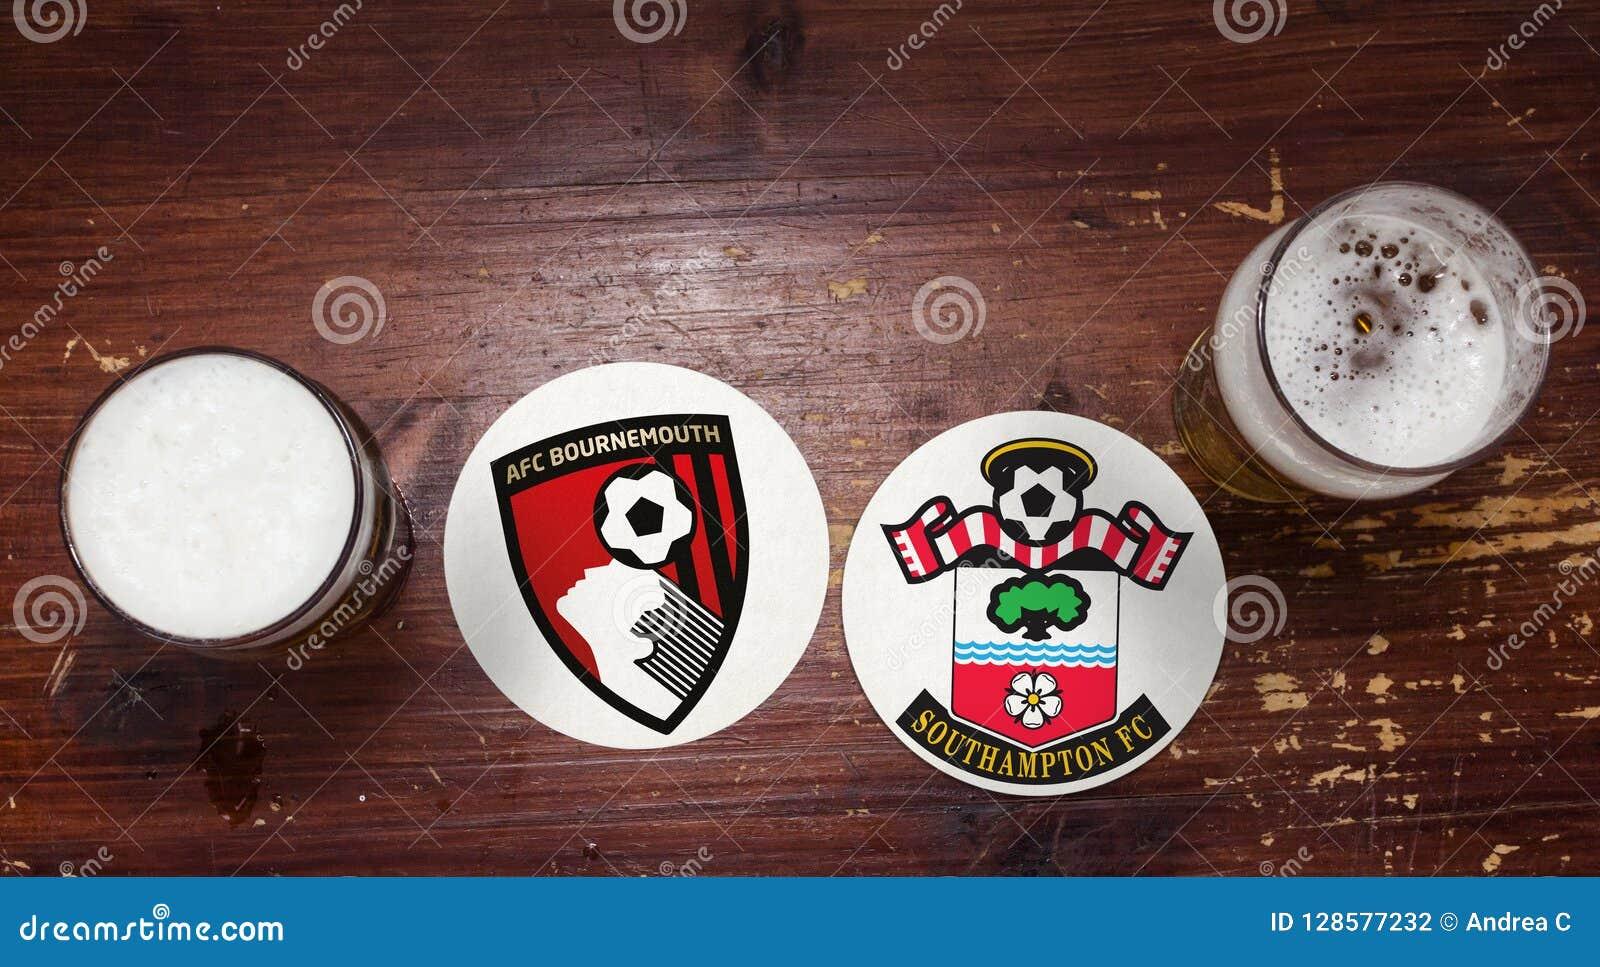 Bournemouth contre southampton